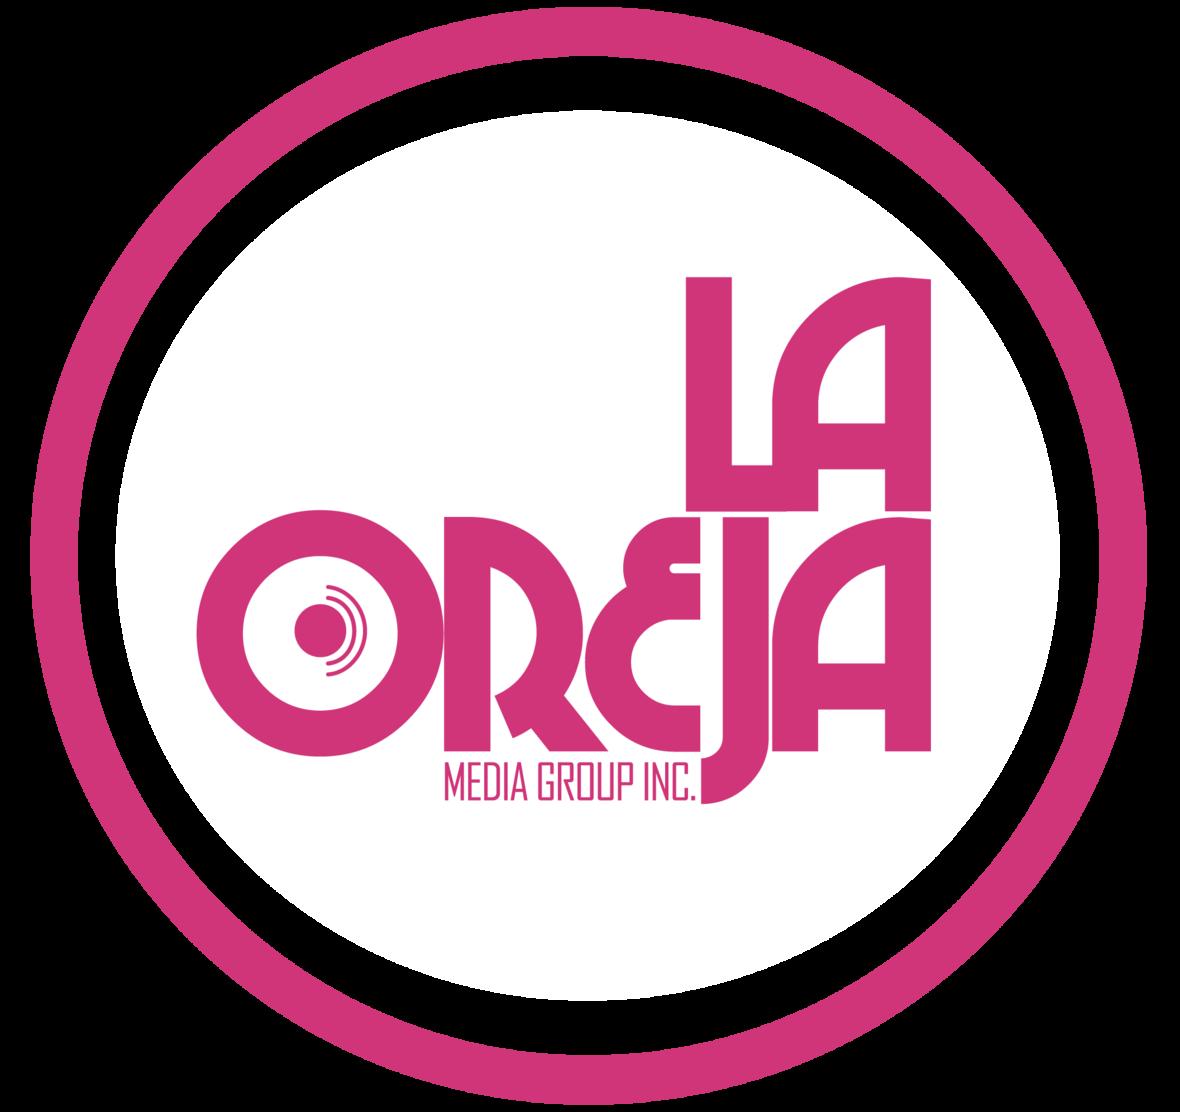 La Oreja Rounded Logo